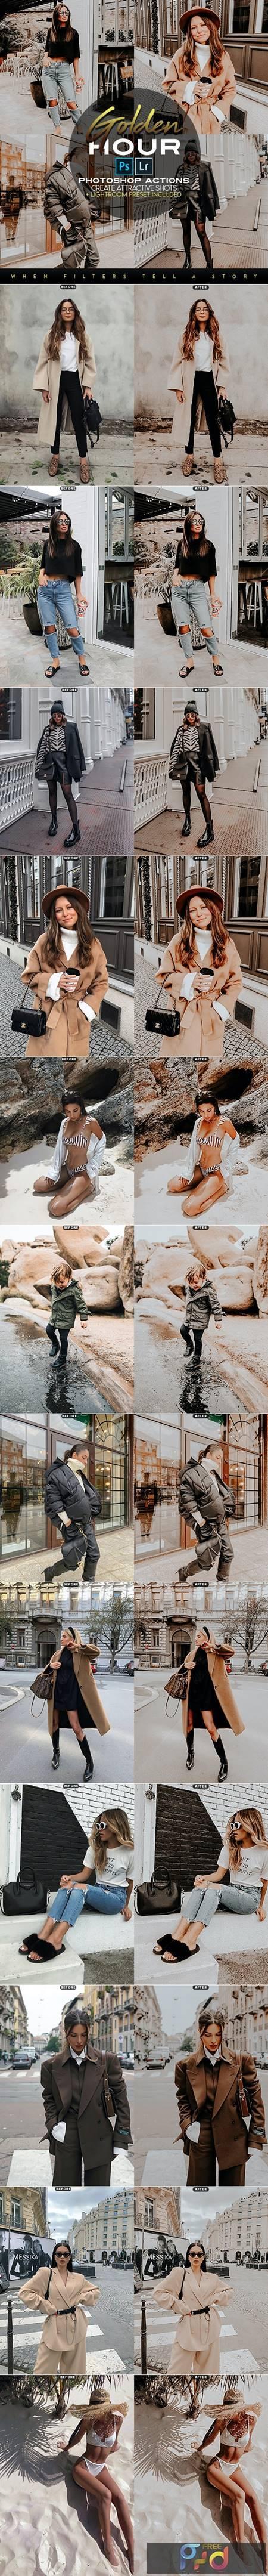 Golden Hour Photoshop Actions + LR Presets 28144667 1